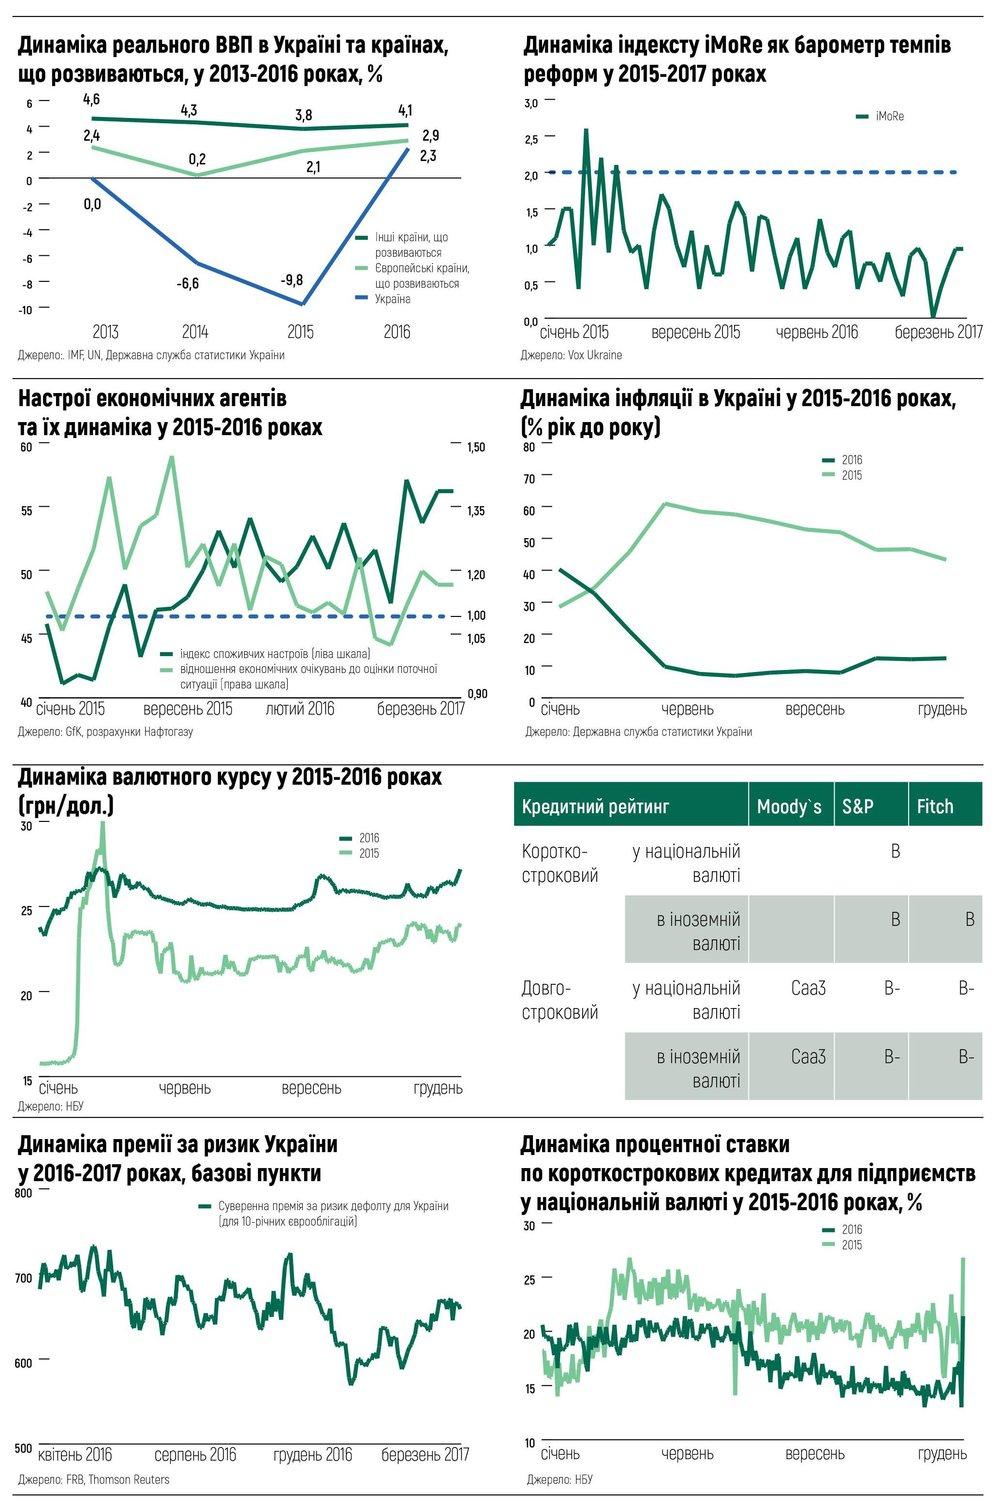 Динаміка реального ВВП в Україні та країнах, що розвиваються